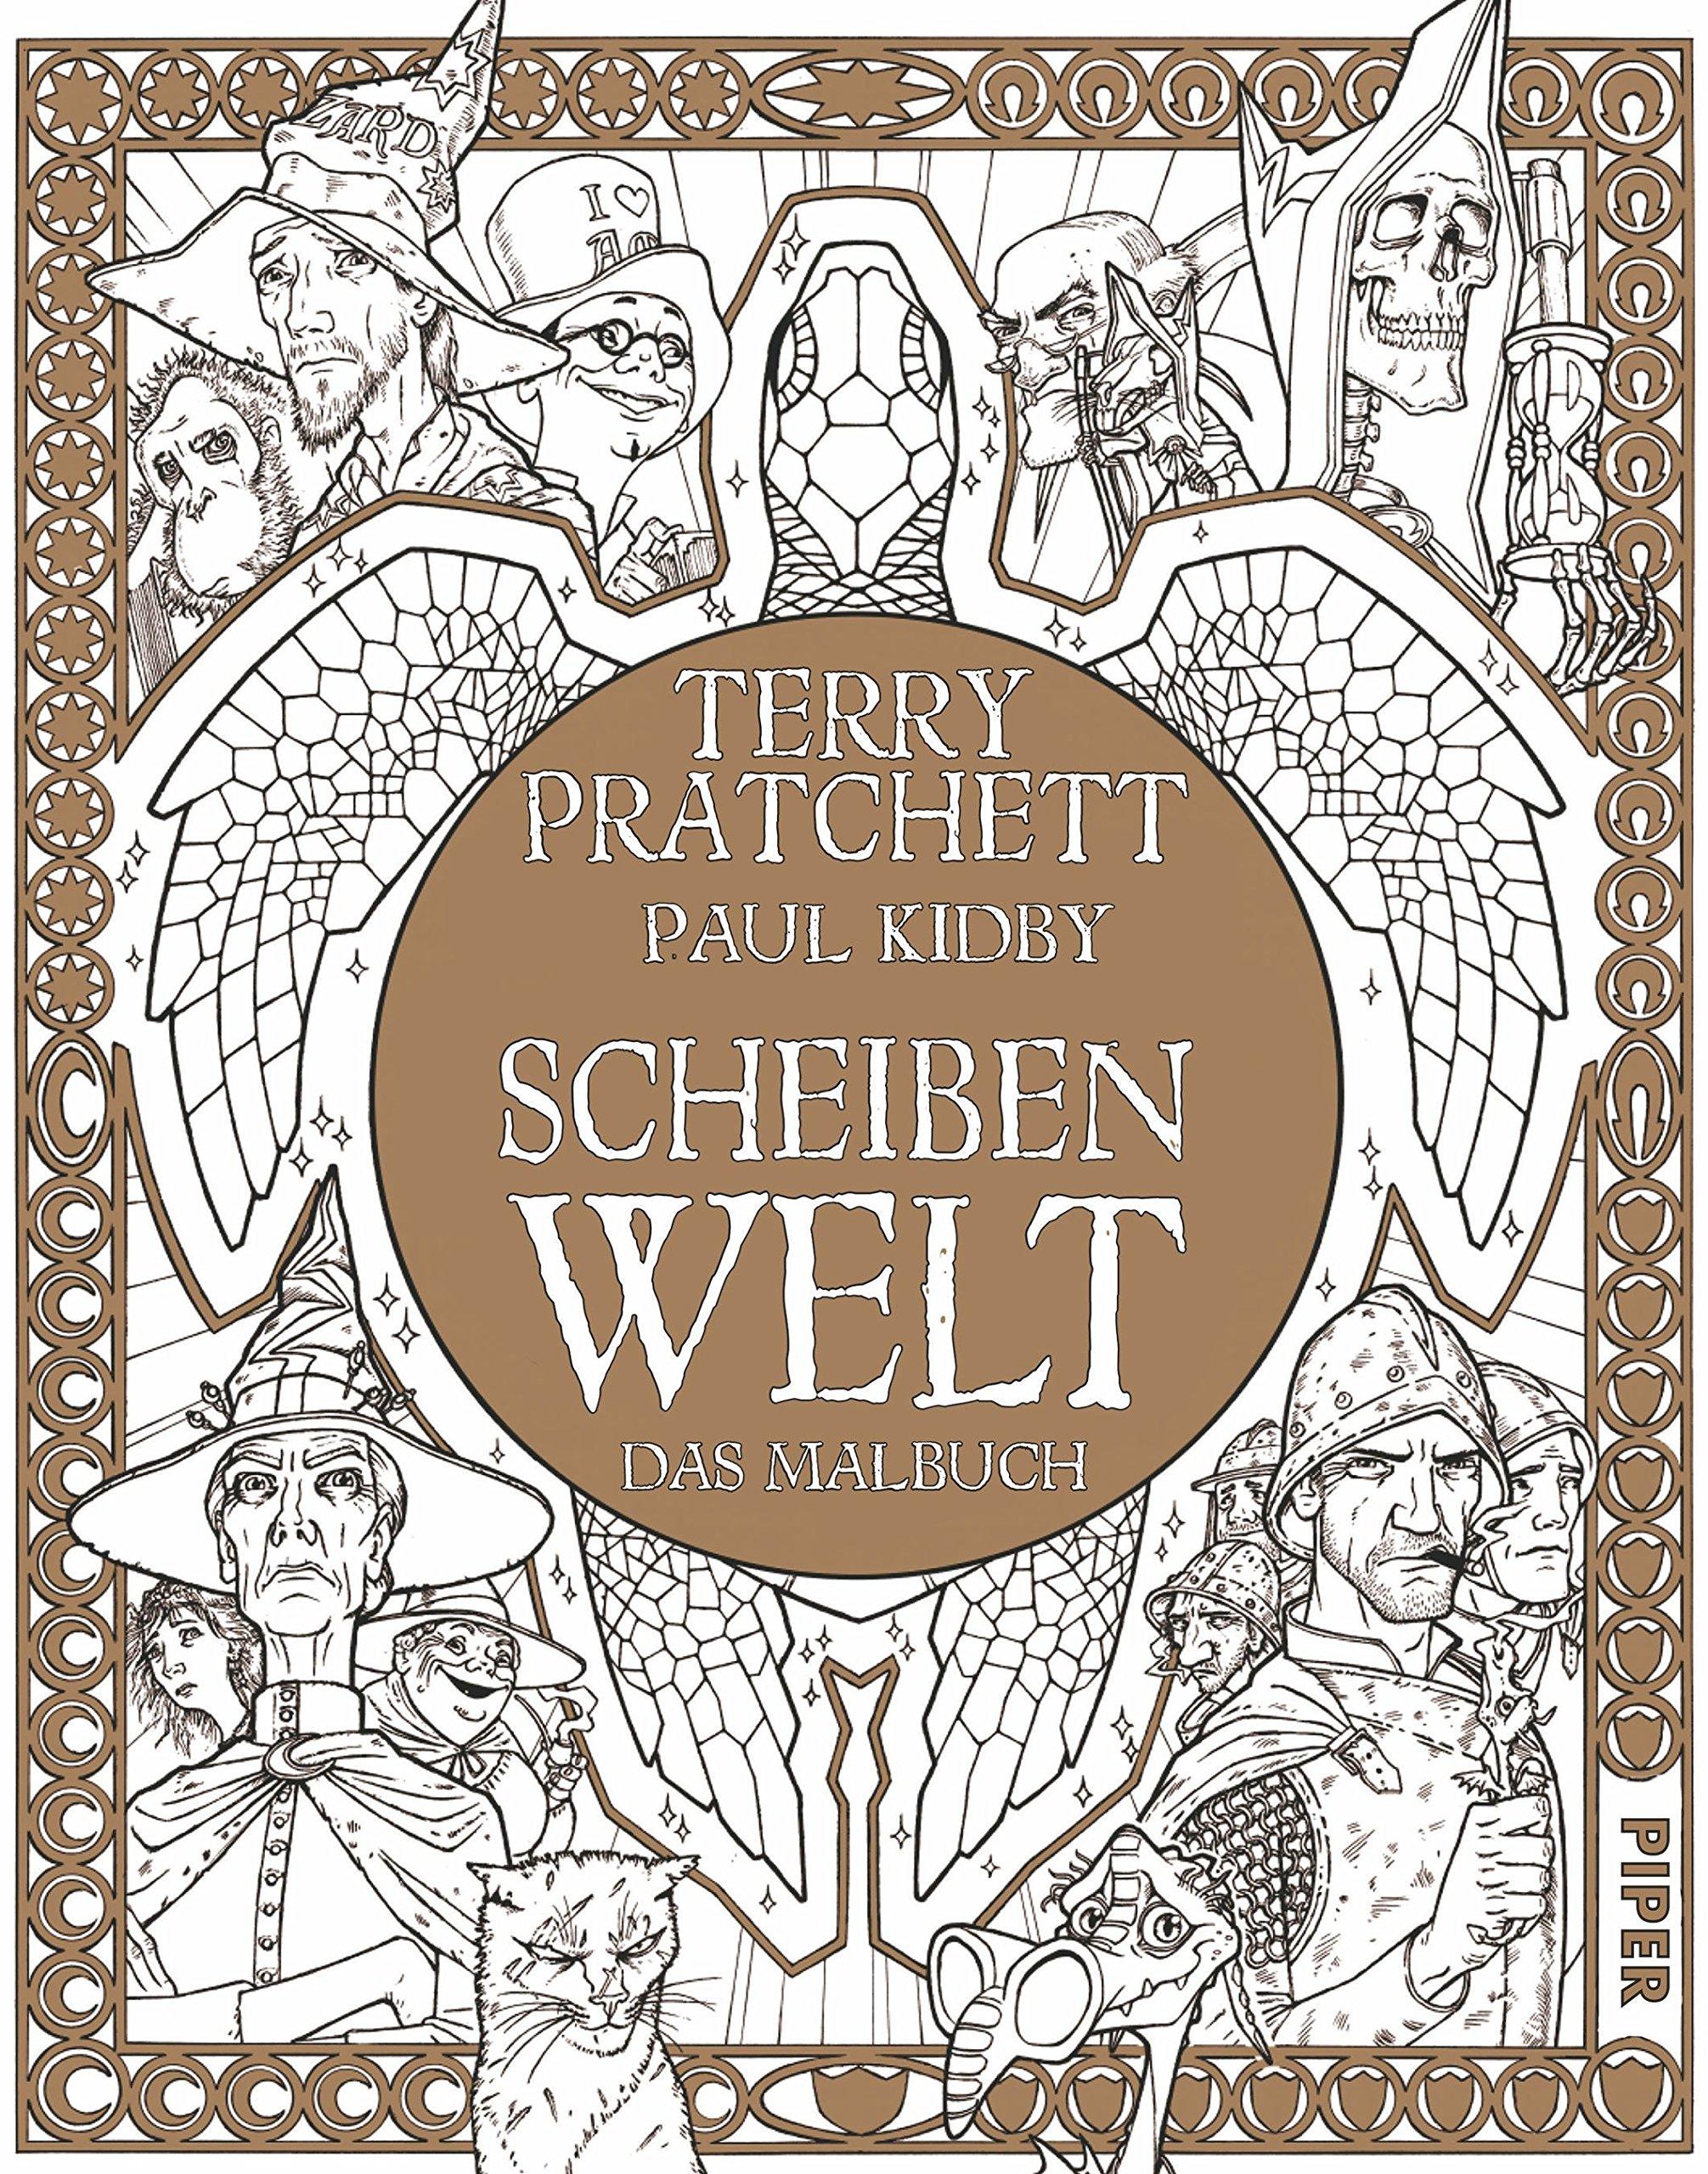 Scheibenwelt: Das Malbuch: Amazon.de: Terry Pratchett, Paul Kidby ...